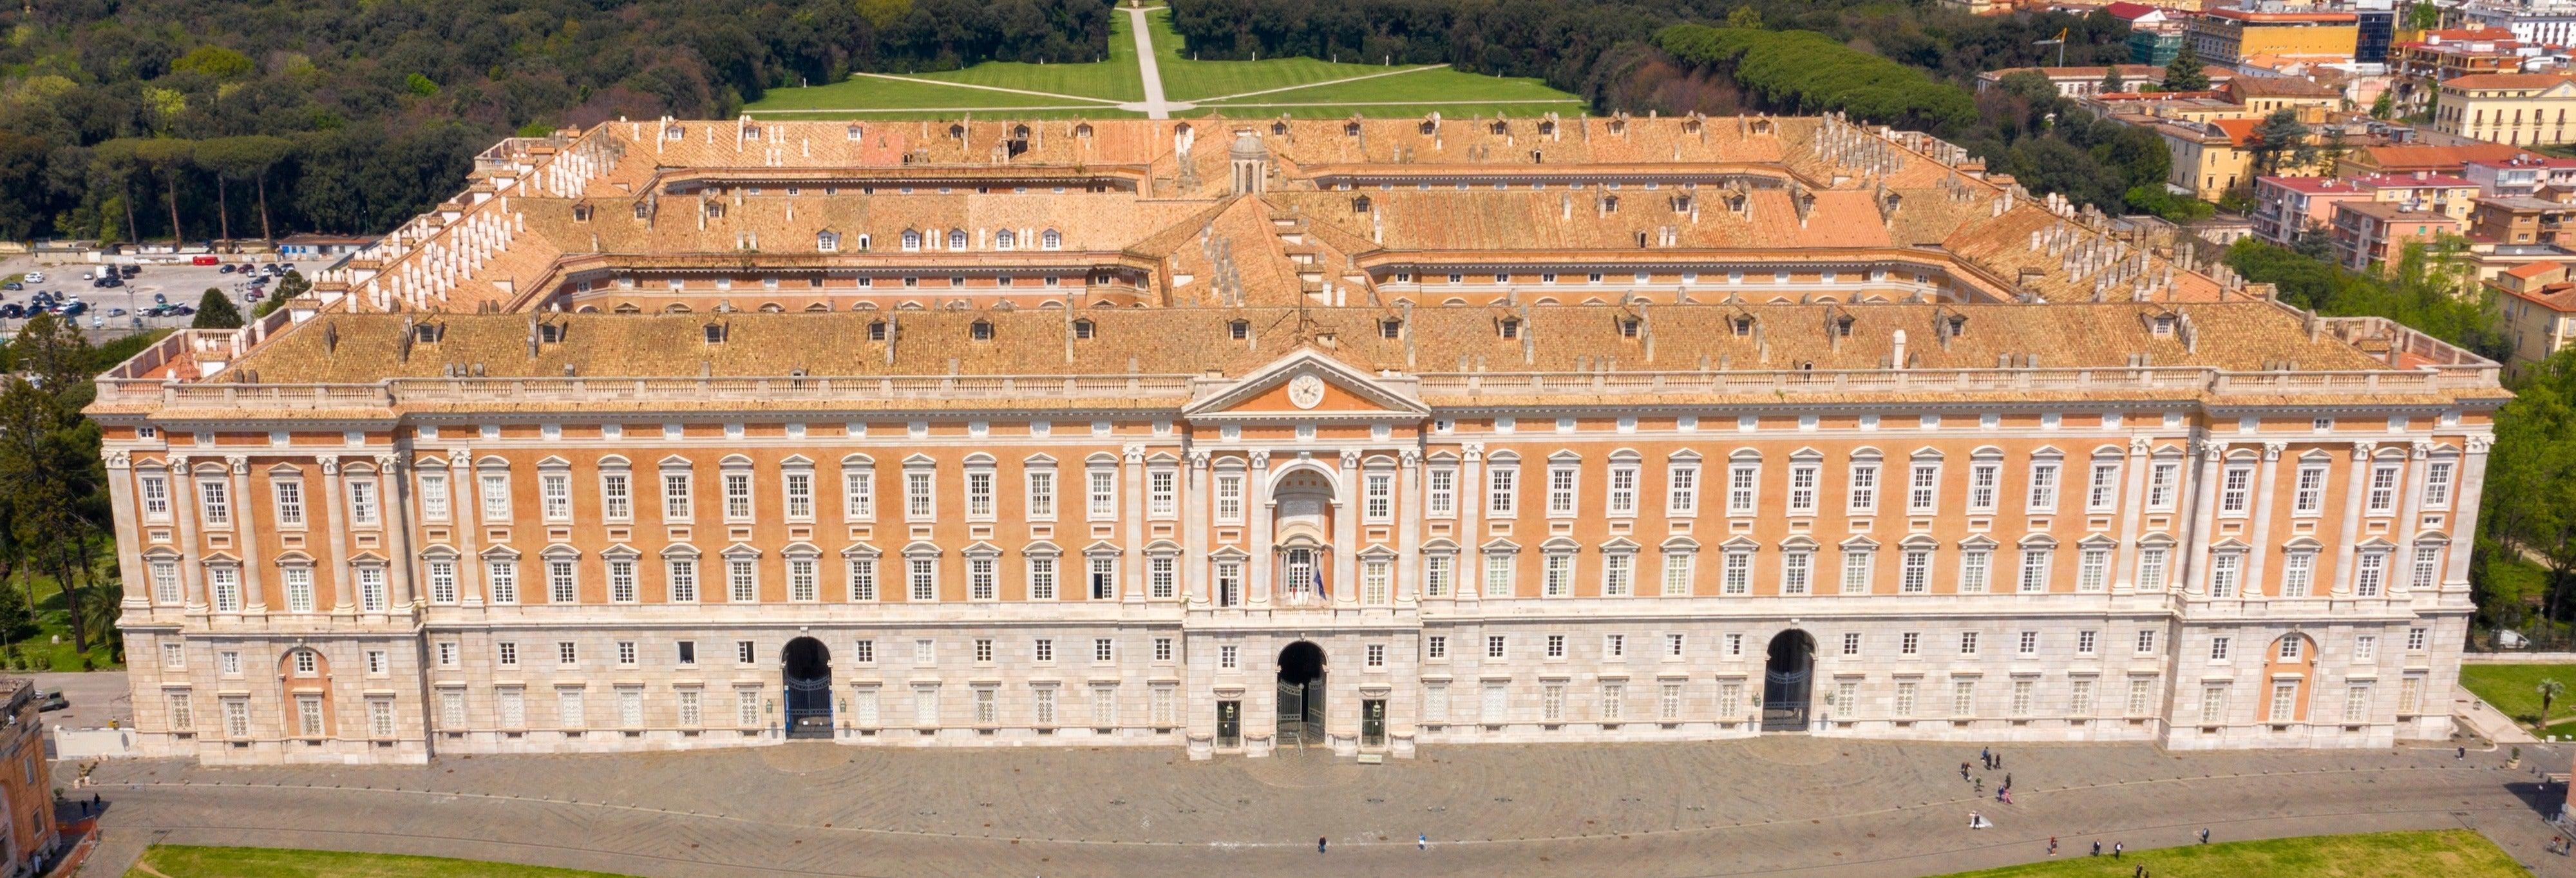 Tour privado por el Palacio Real de Caserta